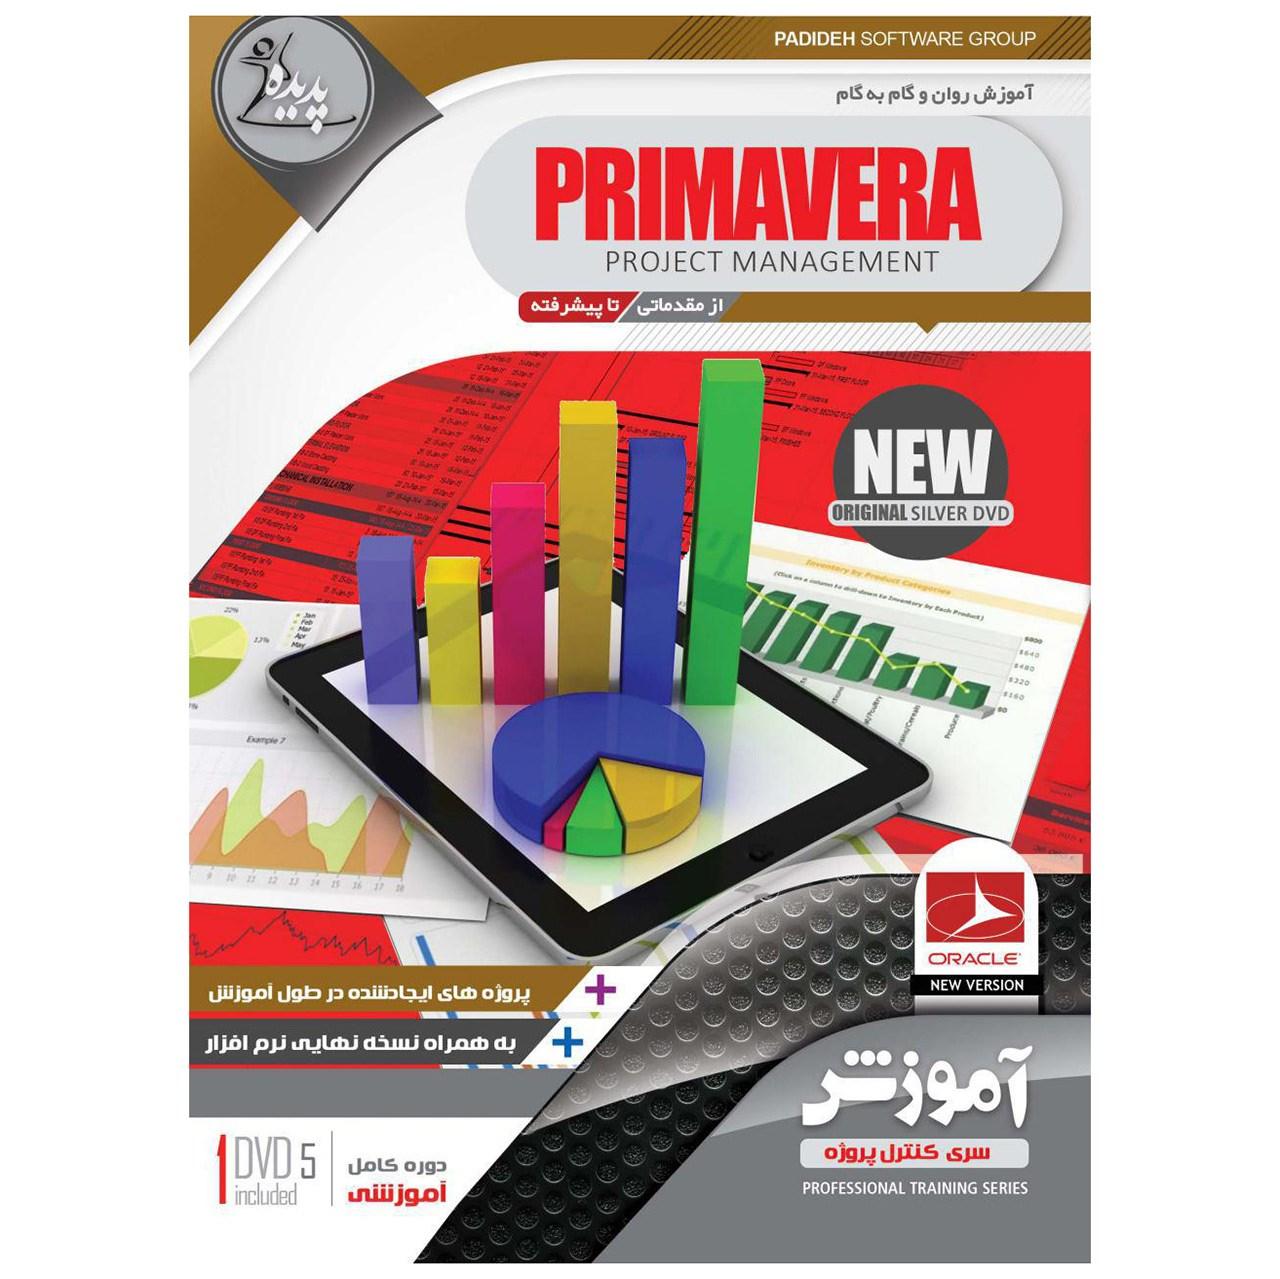 نرم افزار آموزش Primavera نشر پدیده